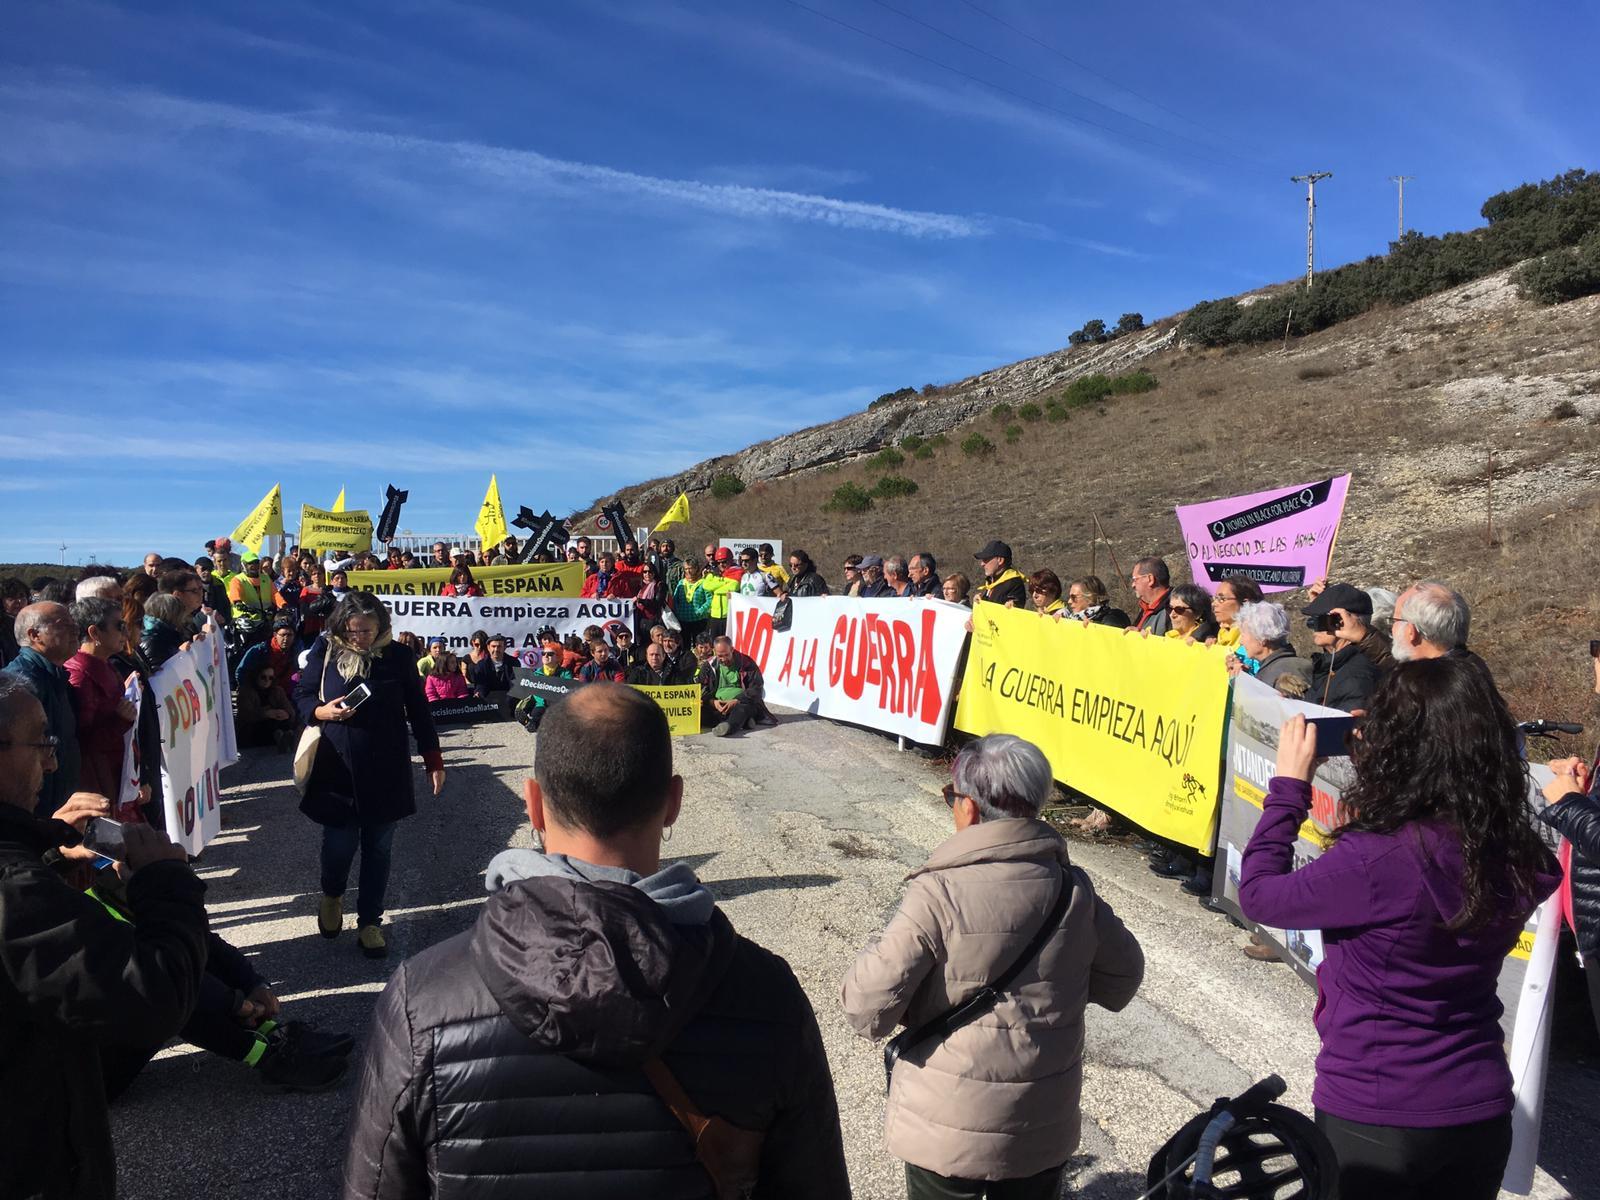 Entusiasmante marcha a la fábrica de armas en Burgos